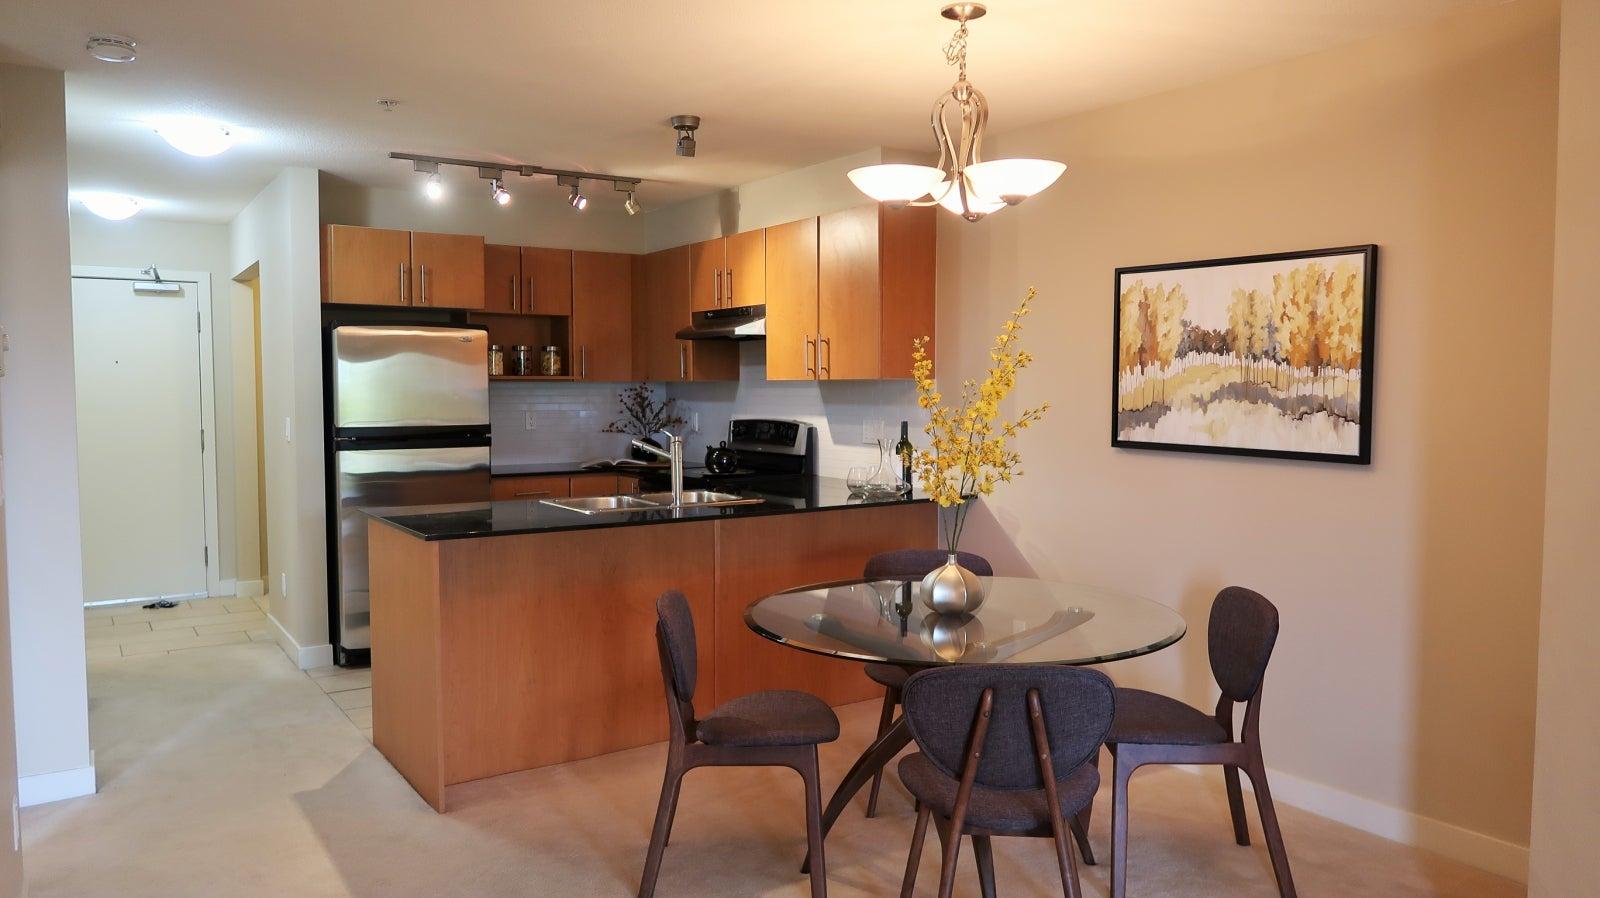 314 1633 MACKAY AVENUE - Pemberton NV Apartment/Condo for sale, 1 Bedroom (R2148211) #9